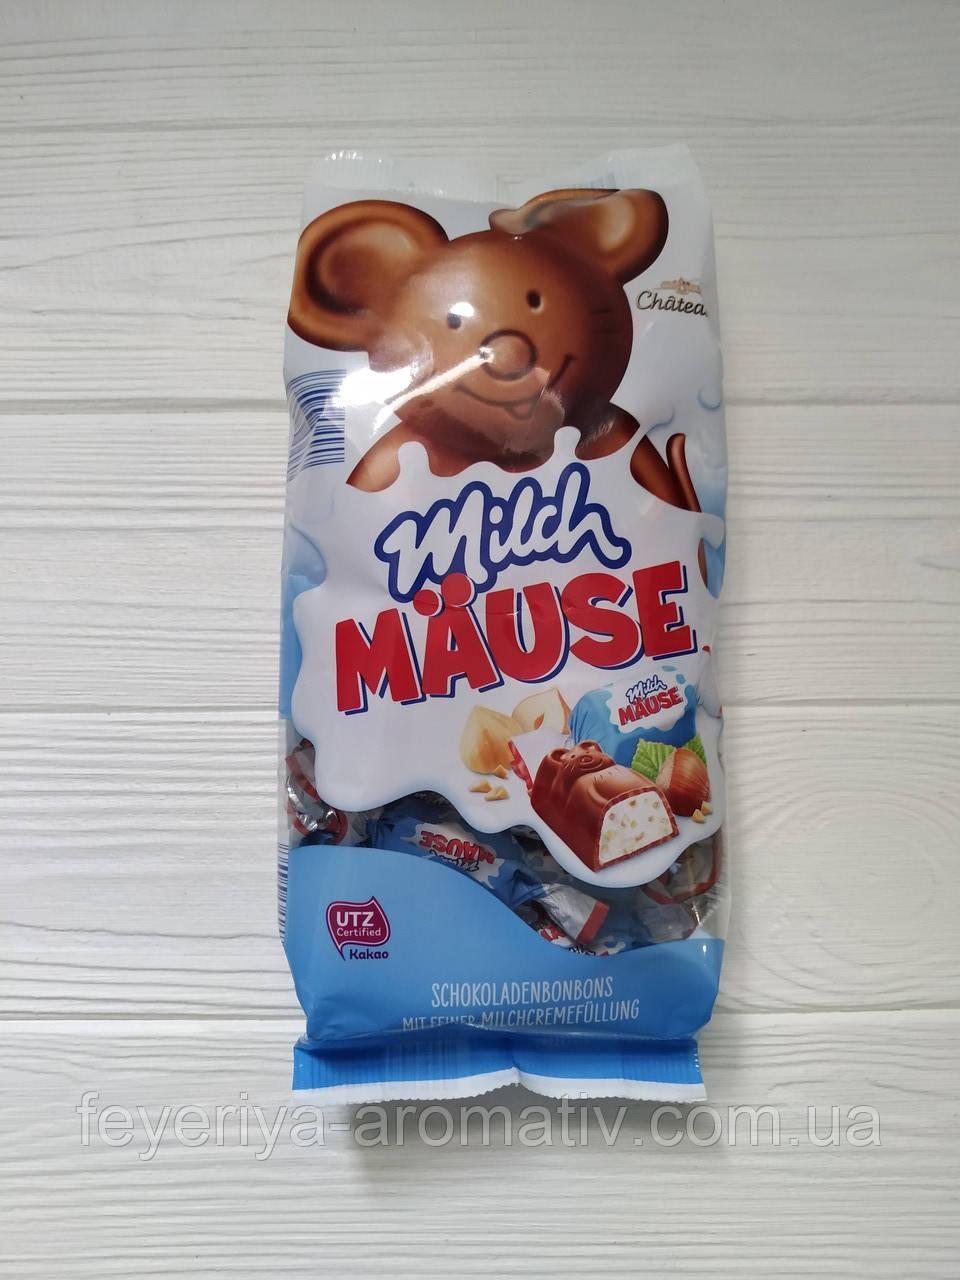 Шоколадные конфеты Milch Mause с орехами 210г  (Италия)